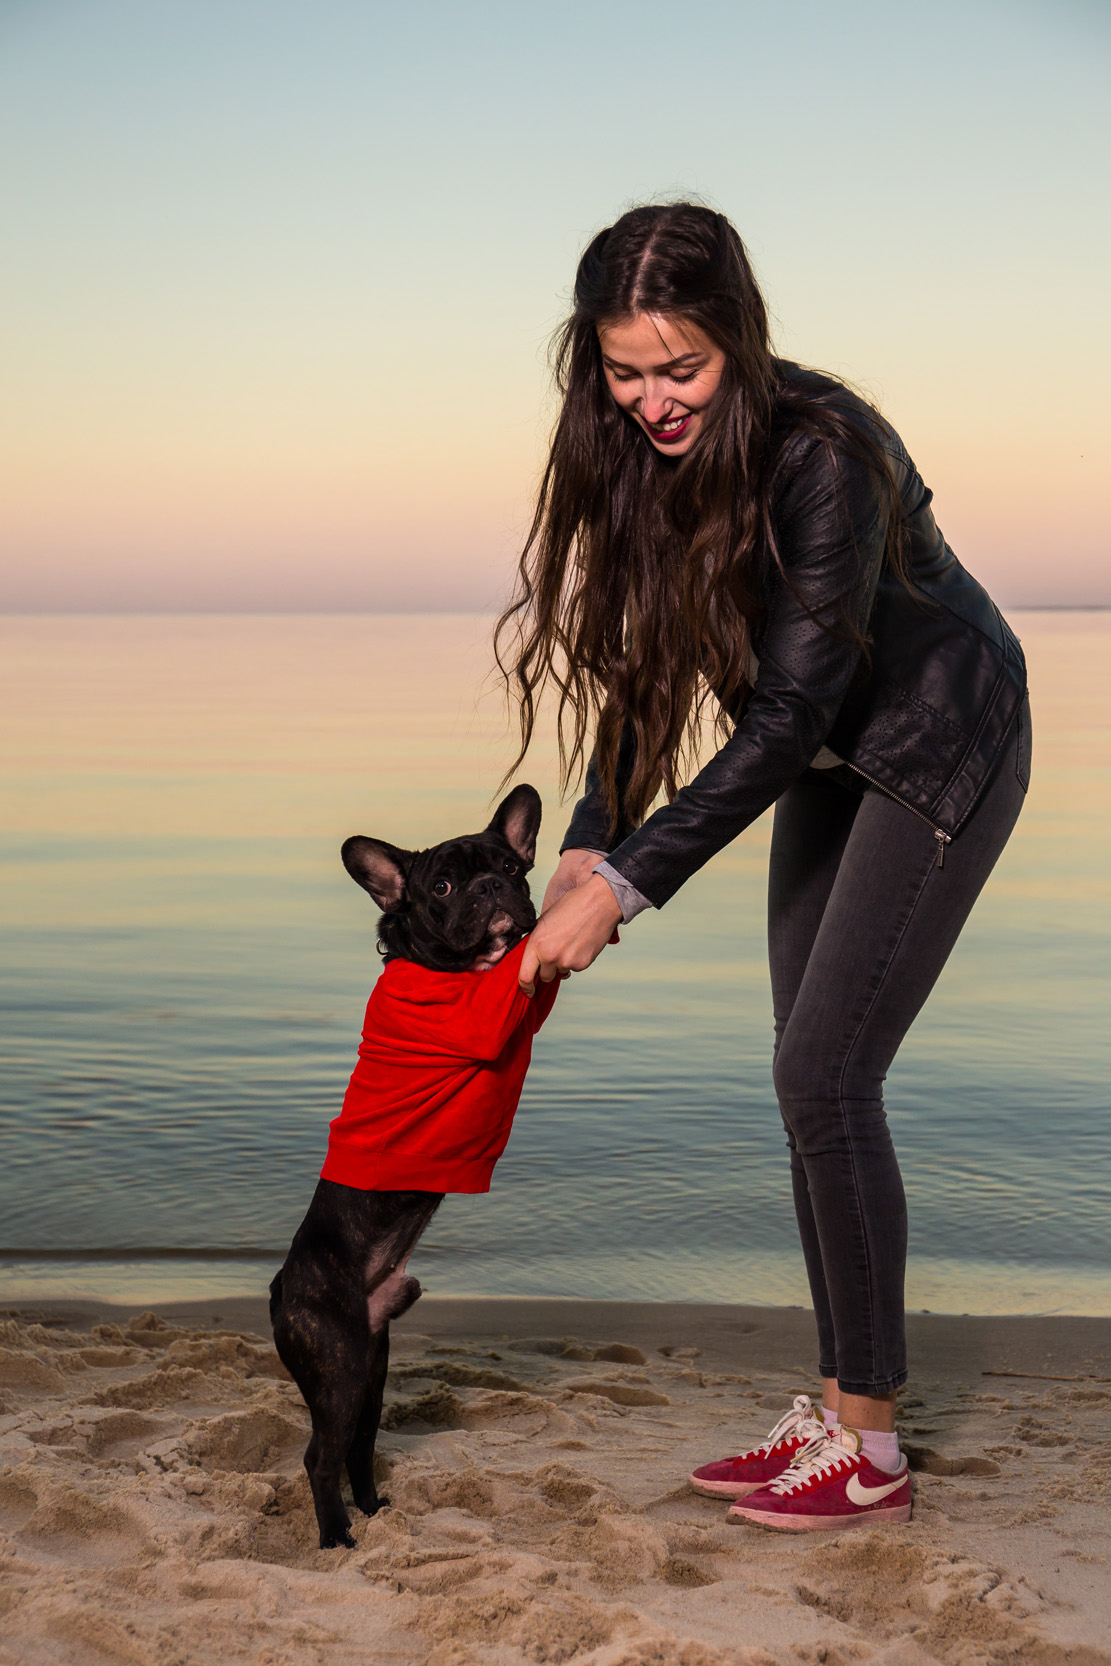 девушка играет с собакой, девушка с французким бульдогом